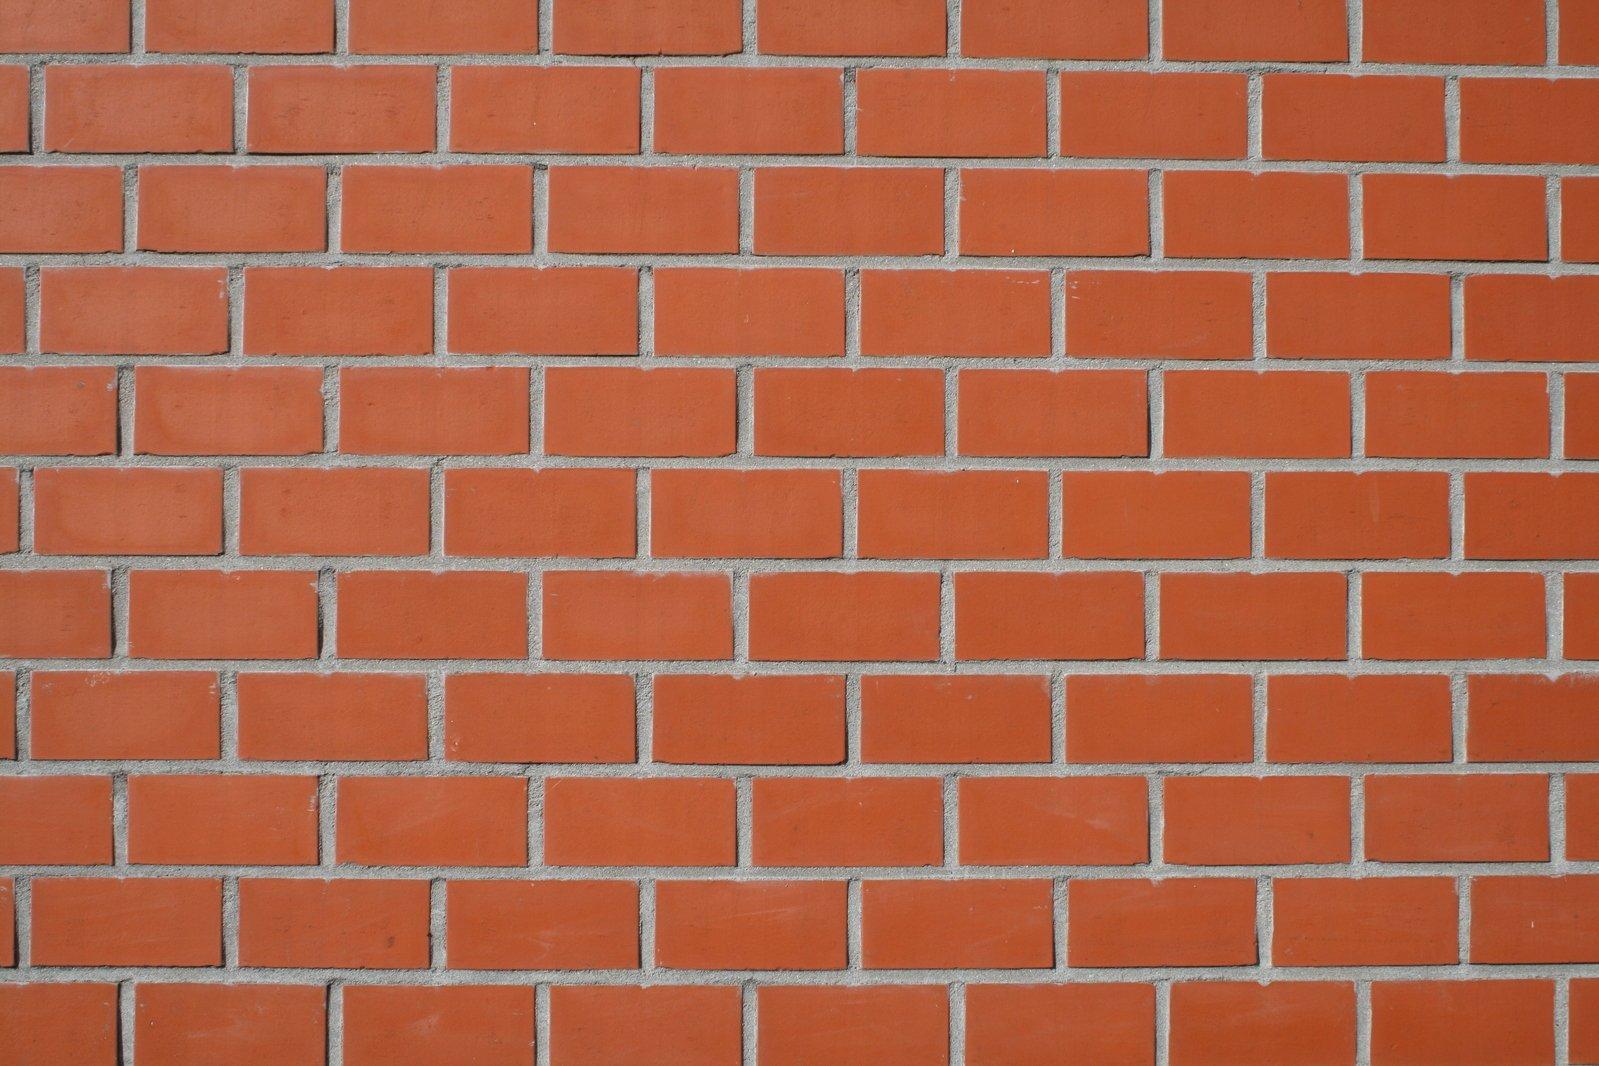 Mur En Brique Rouge free texture de mur de brique rouge stock photo - freeimages